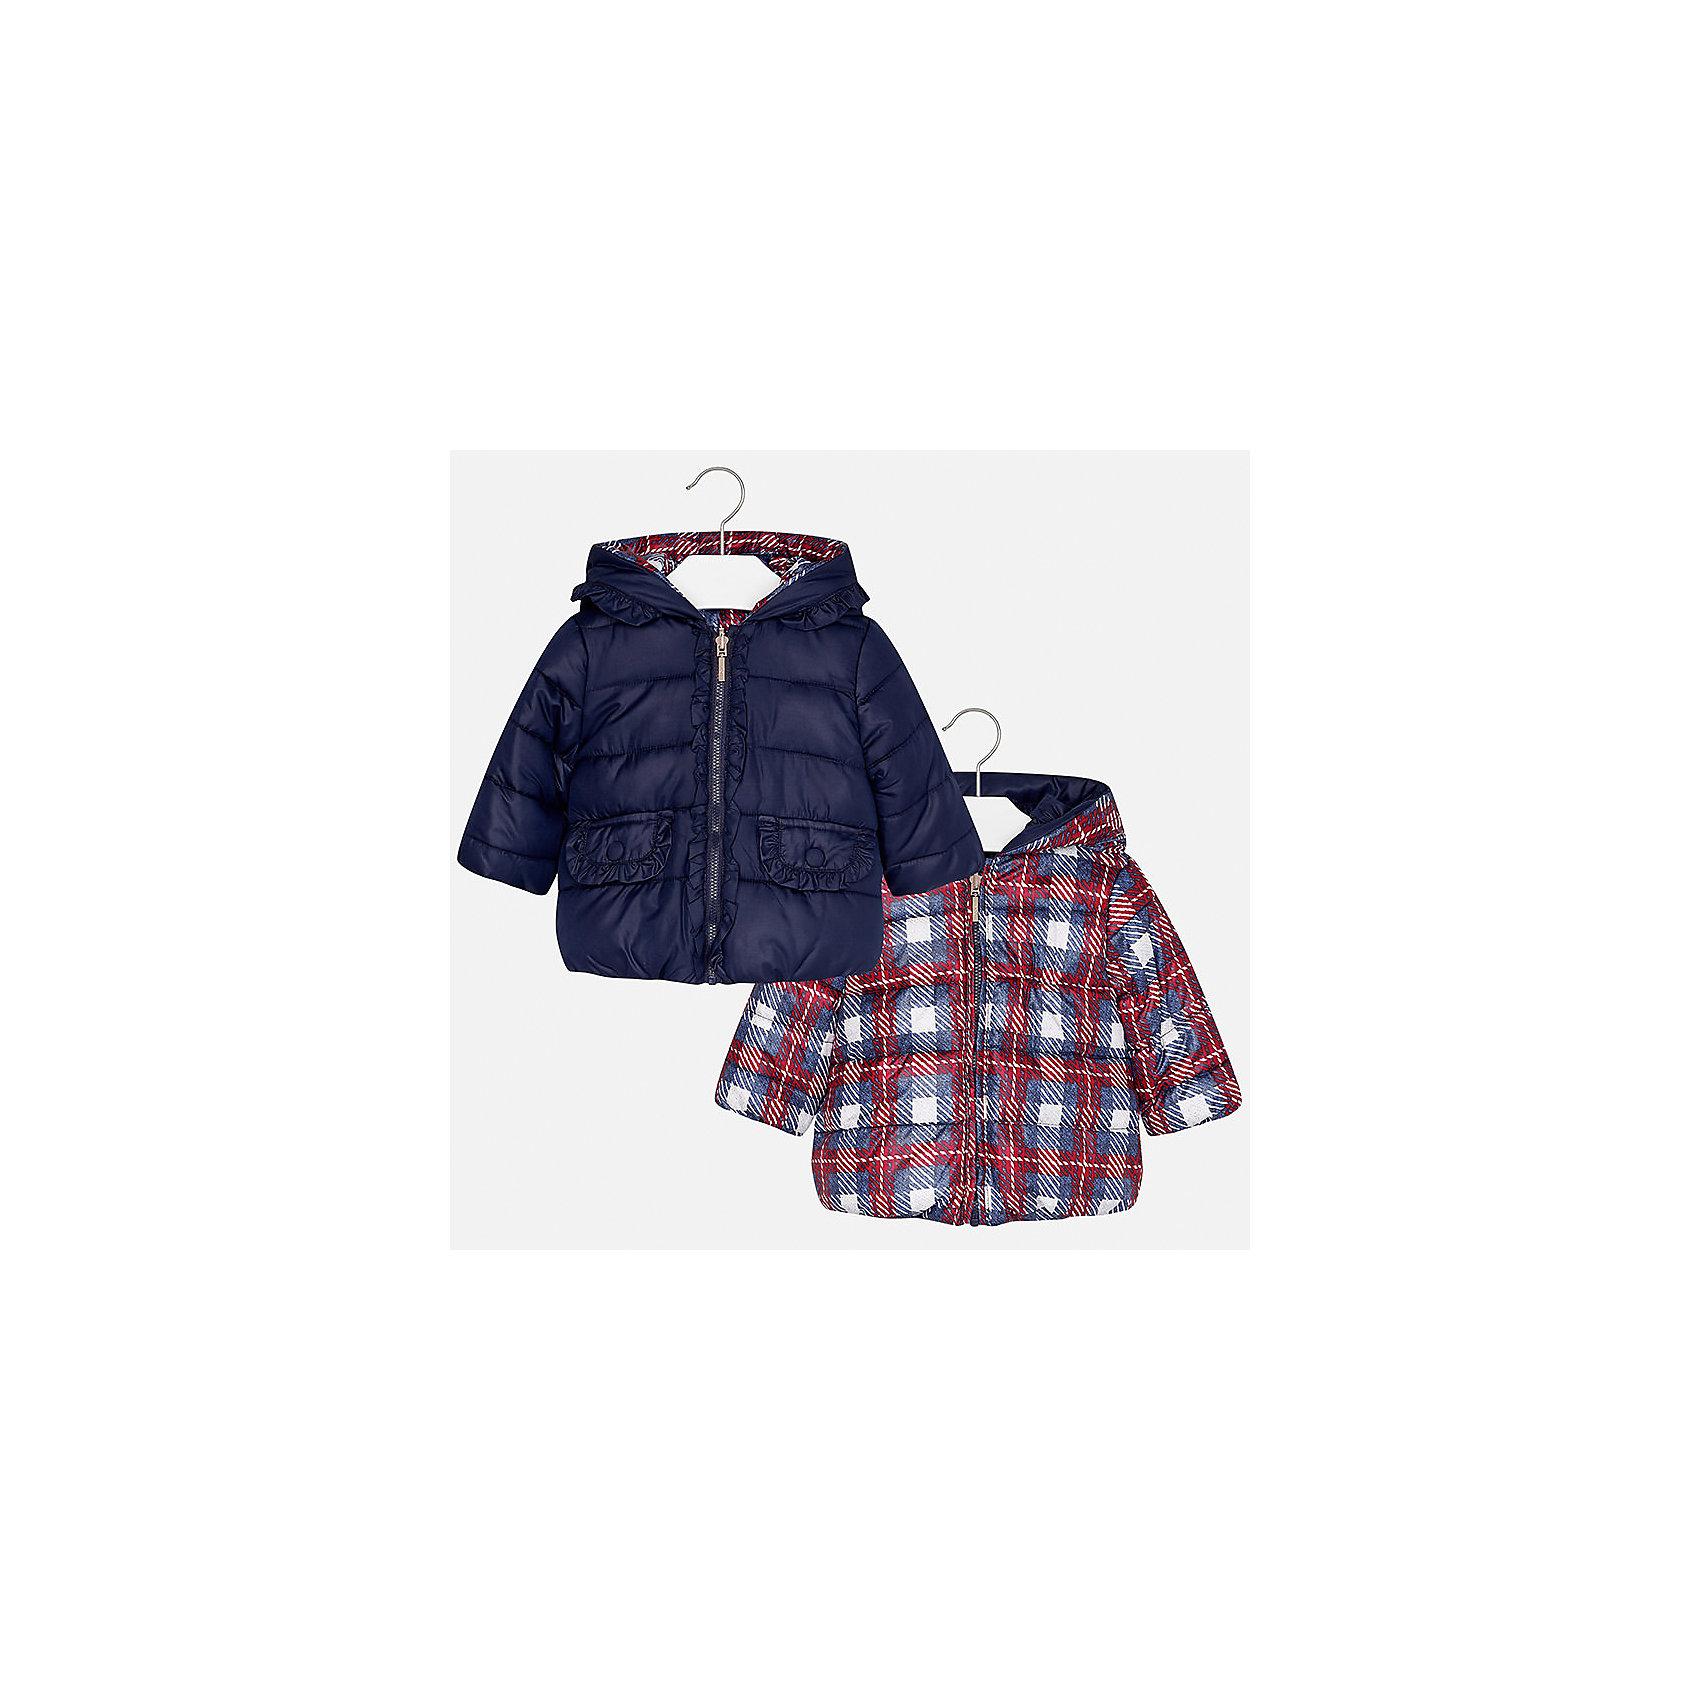 Куртка Mayoral для девочкиВерхняя одежда<br>Характеристики товара:<br><br>• цвет: синий<br>• состав ткани: 100% полиэстер<br>• подкладка: 100% полиэстер<br>• утеплитель: 100% полиэстер<br>• сезон: демисезон<br>• температурный режим: от -10 до +10<br>• особенности куртки: двусторонняя, дутая<br>• капюшон: без меха, несъемный<br>• застежка: молния<br>• страна бренда: Испания<br>• страна изготовитель: Индия<br><br>Двусторонняя куртка для девочки сшита из легкого, но теплого на ощупь материала. Эта куртка для девочки отличается стильным дизайном. Качество продукции Майорал неизменно очень высокое. Детская двусторонняя куртка от Mayoral декорирована рюшами с одной стороны.<br><br>Куртку для девочки Mayoral (Майорал) можно купить в нашем интернет-магазине.<br><br>Ширина мм: 356<br>Глубина мм: 10<br>Высота мм: 245<br>Вес г: 519<br>Цвет: синий<br>Возраст от месяцев: 24<br>Возраст до месяцев: 36<br>Пол: Женский<br>Возраст: Детский<br>Размер: 98,80,86,92<br>SKU: 6920316